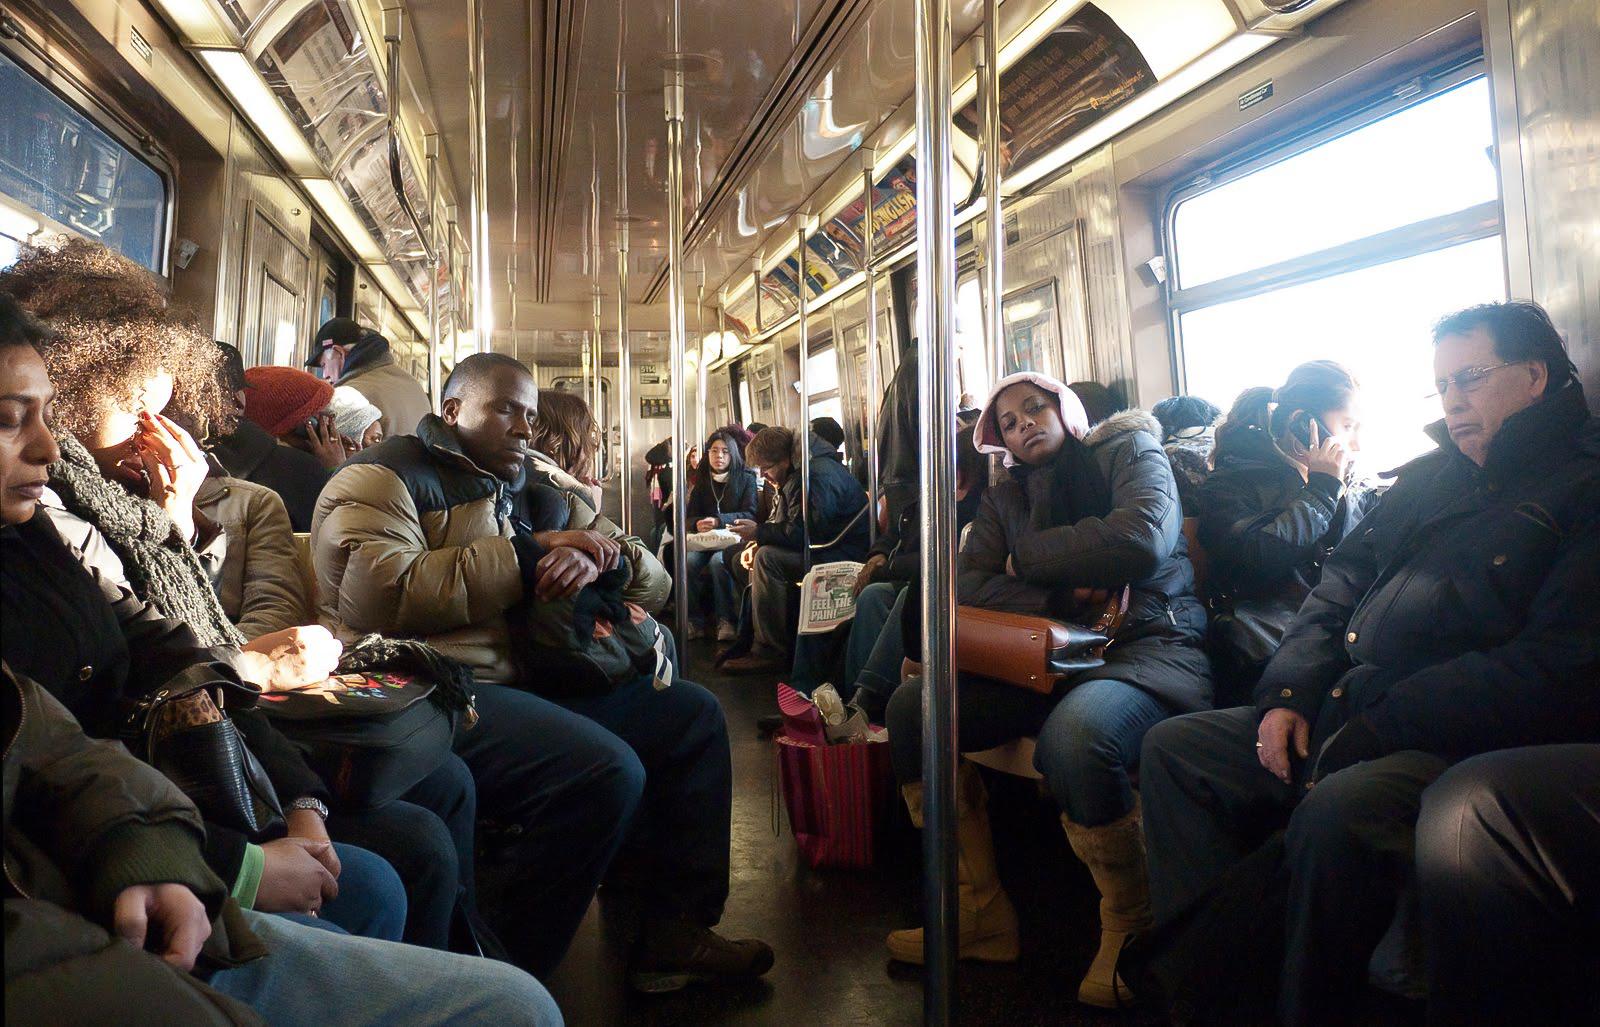 SubwayNoiseCorrected.jpg